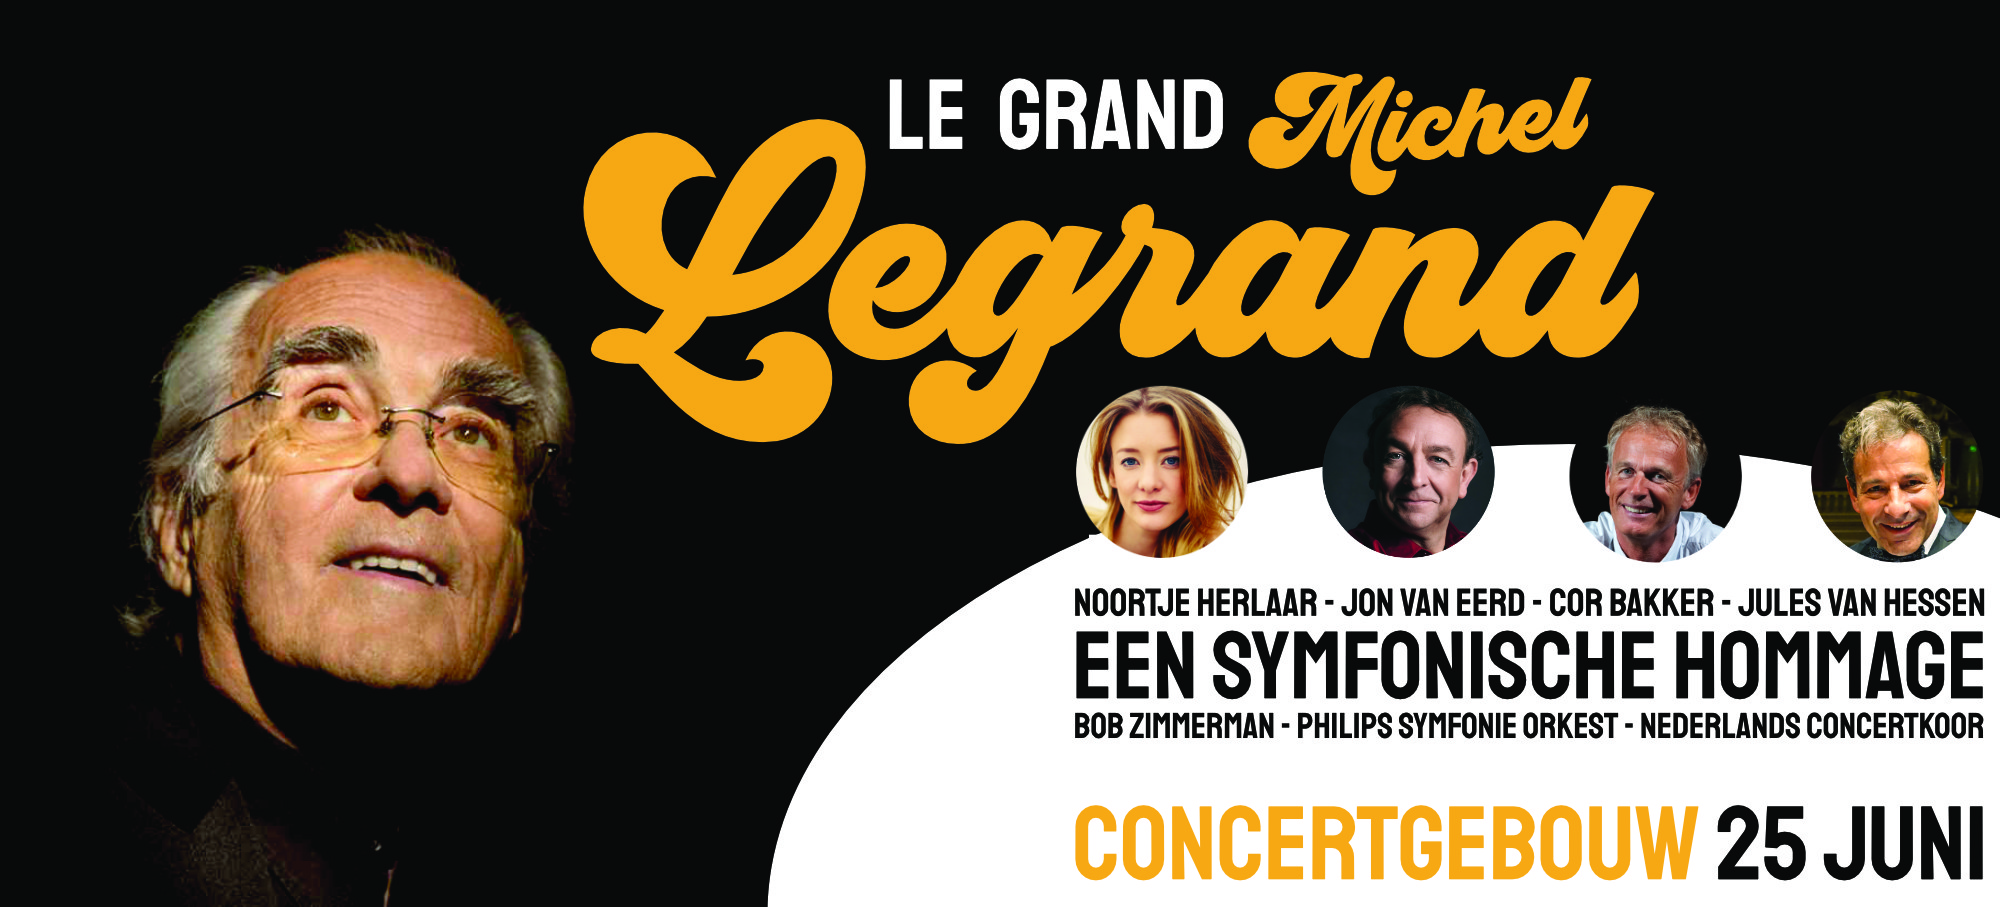 Le Grand Michel Legrand: een symfonische hommage - Cor Bakker, Noortje Herlaar, Jon van Eerd, Jules van Hessen